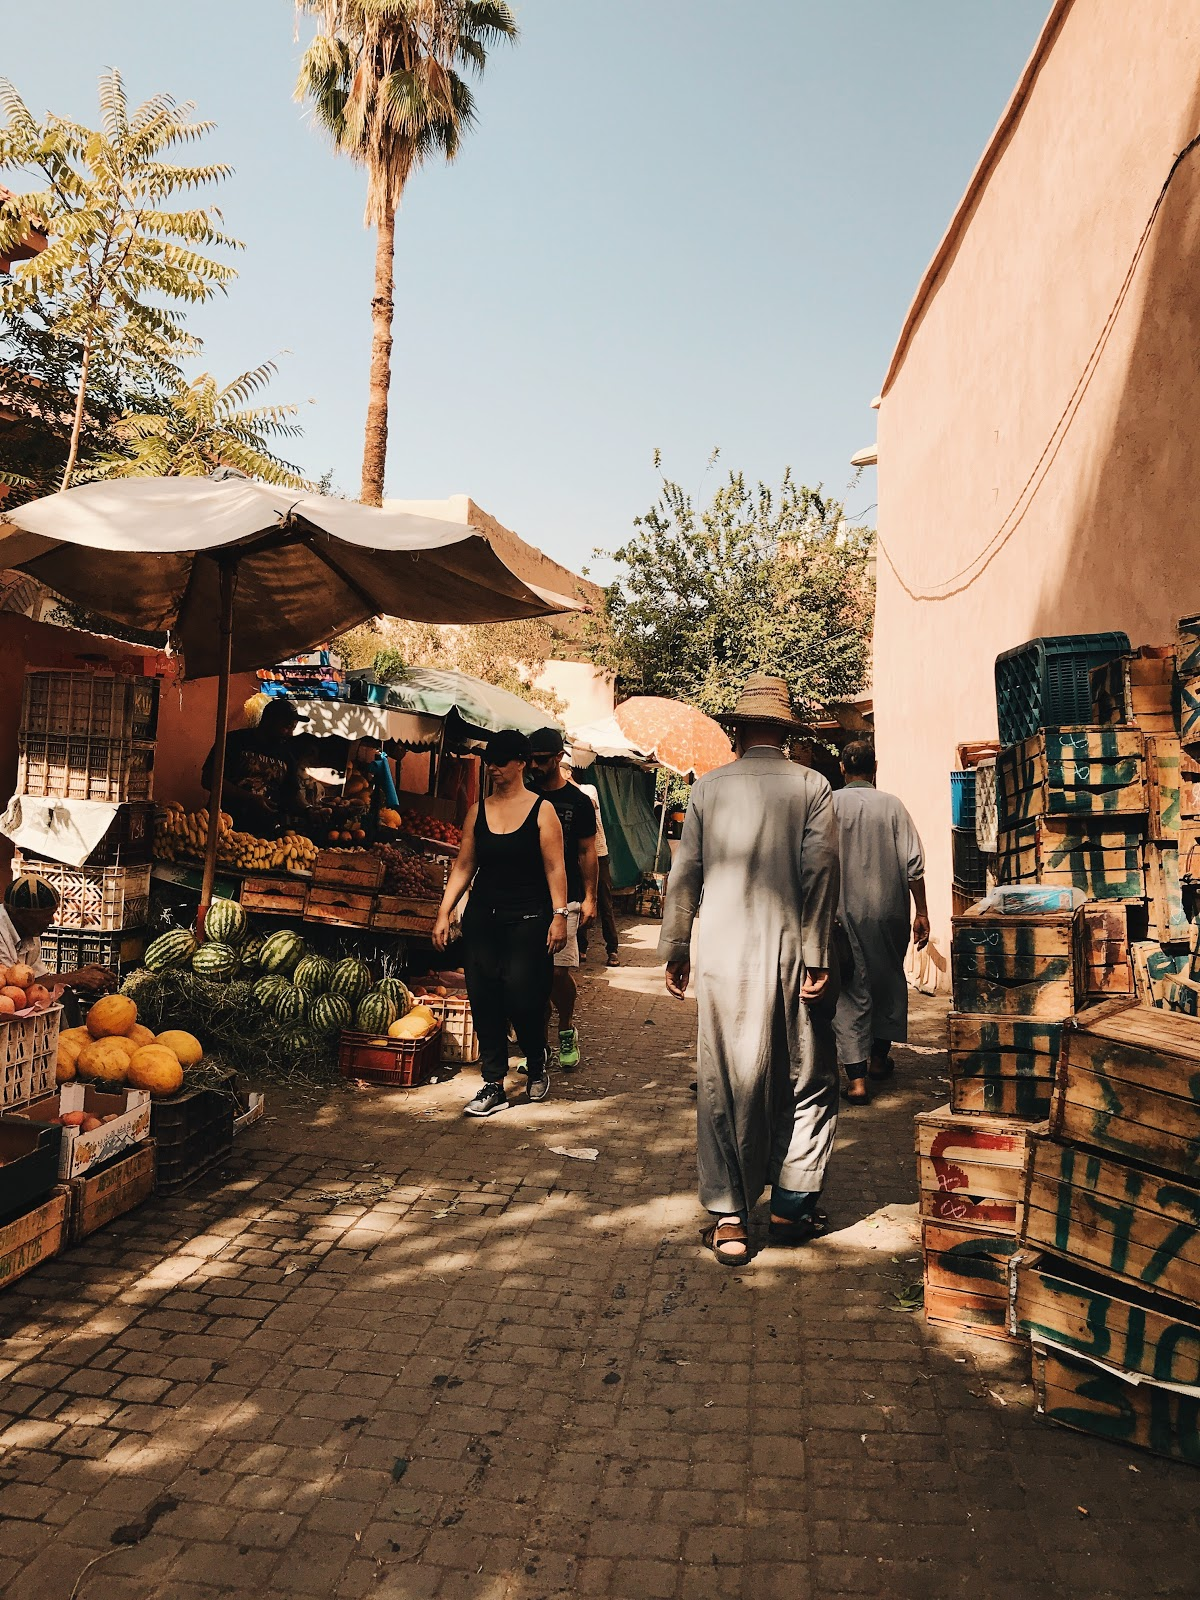 Co warto wiedzieć przed wylotem do Marrakeszu? Bezpieczeństwo w Marrakeszu